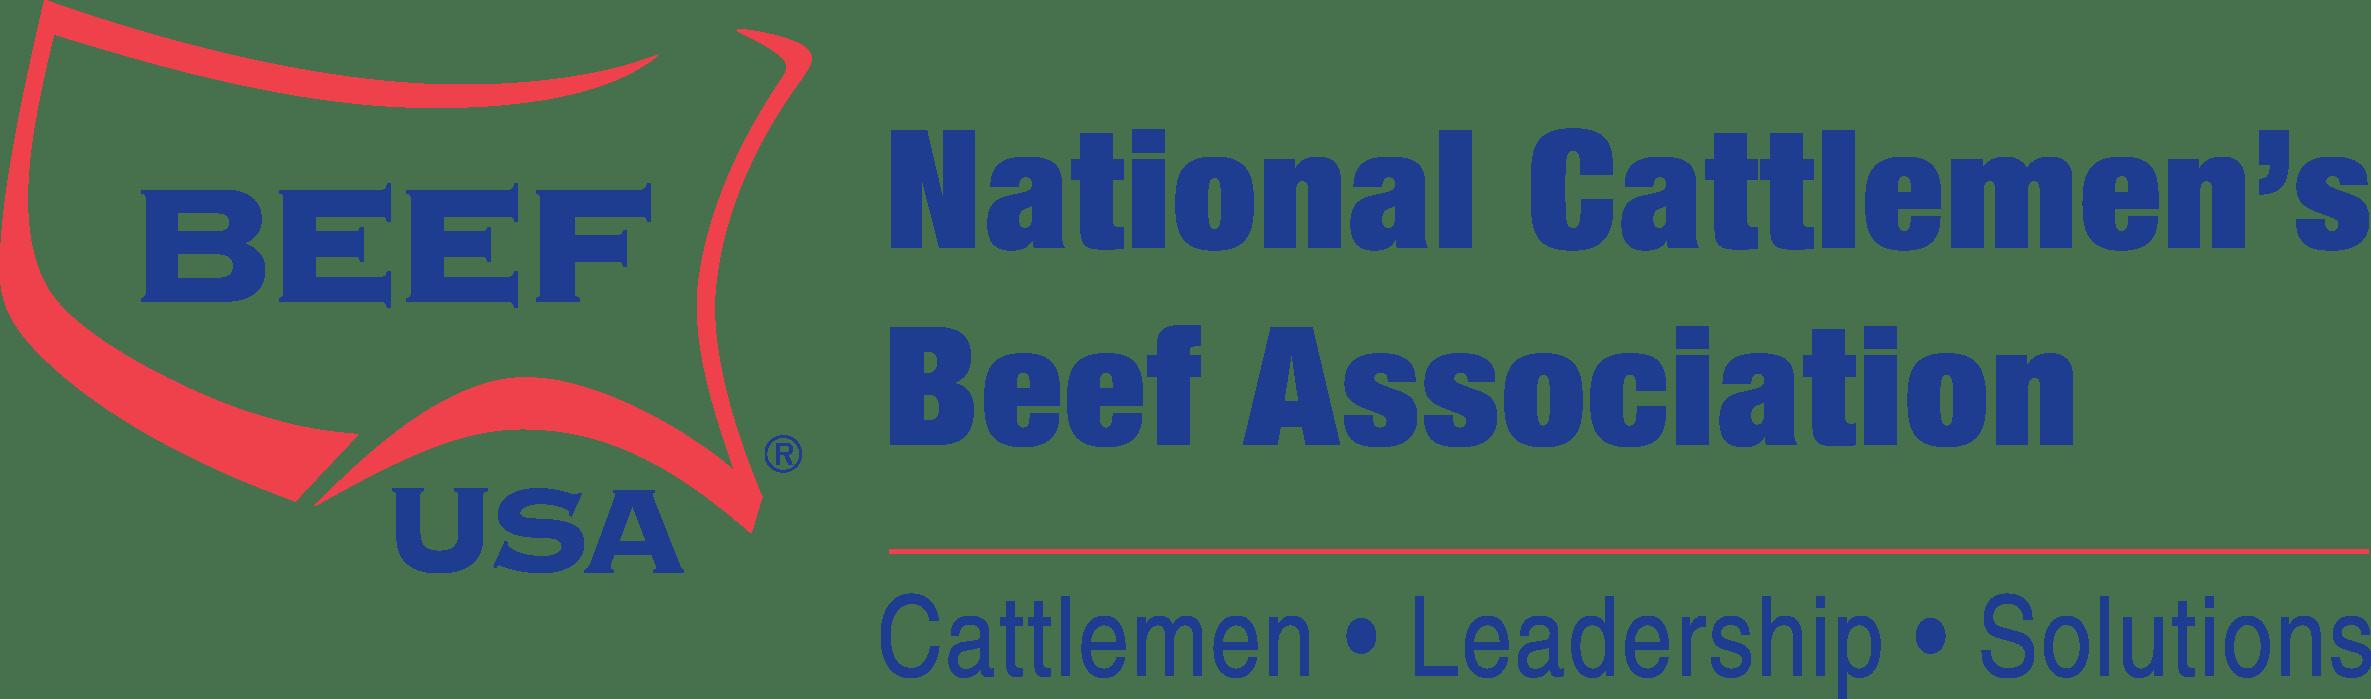 NCBA-Logo-Horizontal-with-Tagline